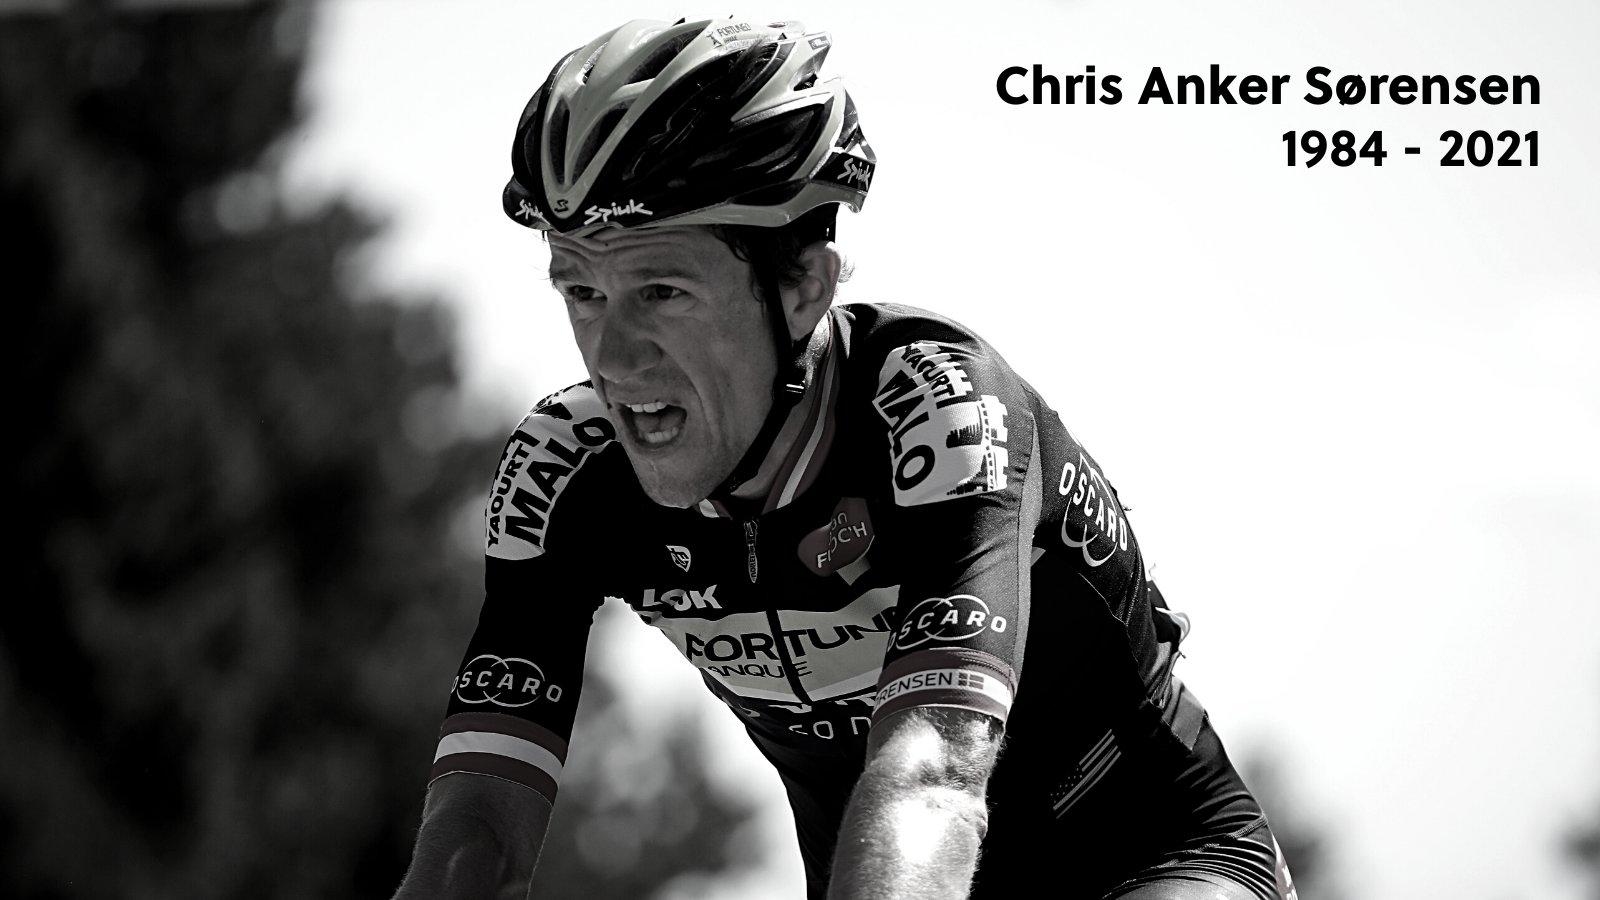 Fostul mare ciclist Chris Anker Sorensen a murit. A fost lovit de o mașină când se plimba cu bicicleta